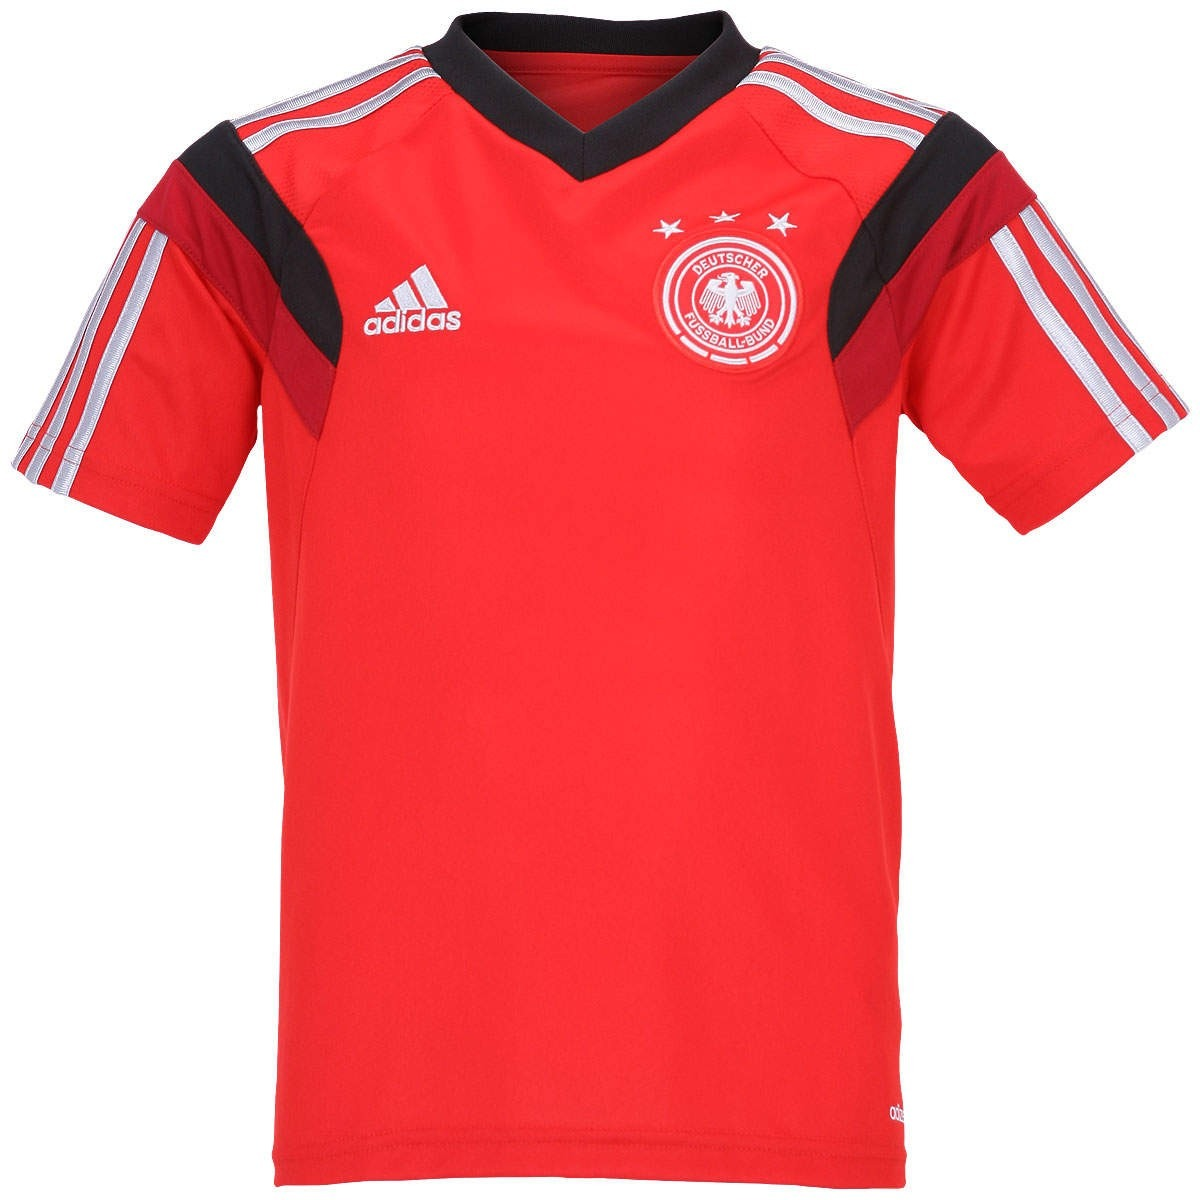 90901a3d4a camisa alemanha adidas oficial infantil pronta entrega. Carregando zoom.